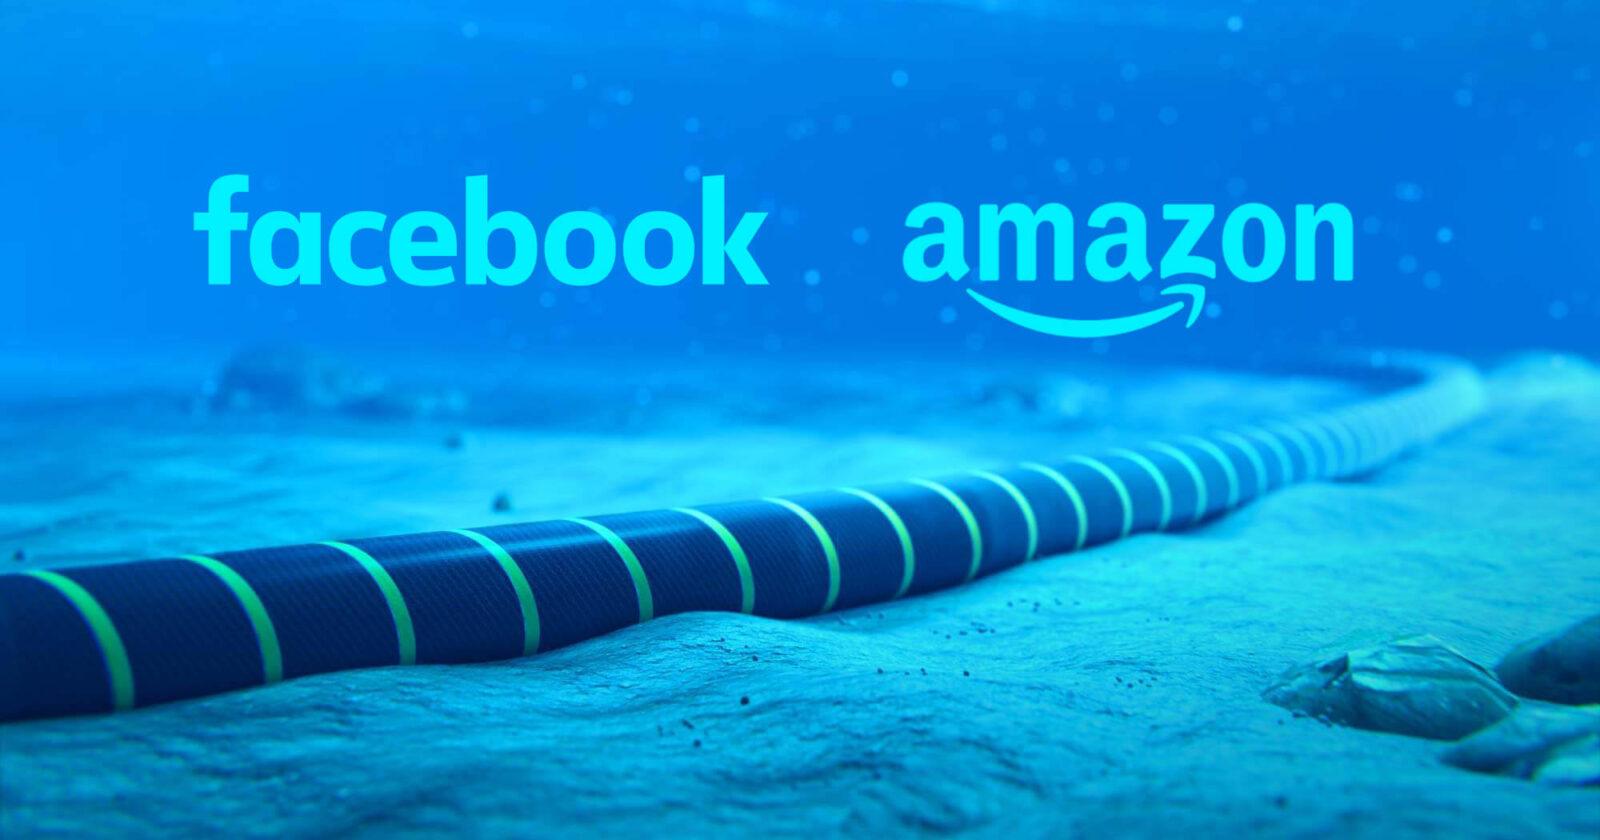 فیس بوک و آمازون منتظر تأیید پروژه کابل فیلیپین هستند